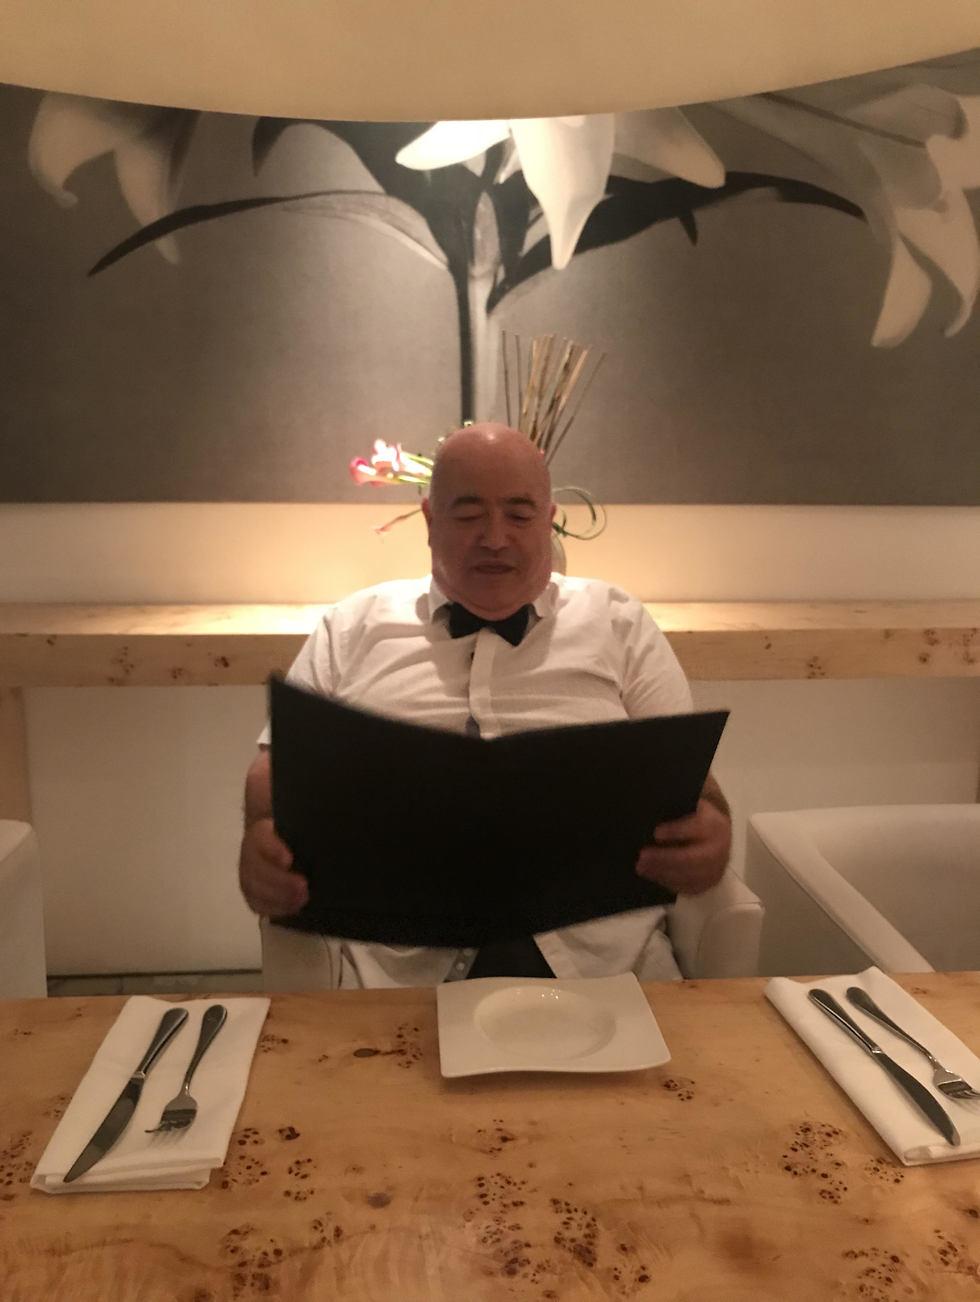 דוקטור שקשוקה במסעדת מסה (צילום: תיקי גולן)